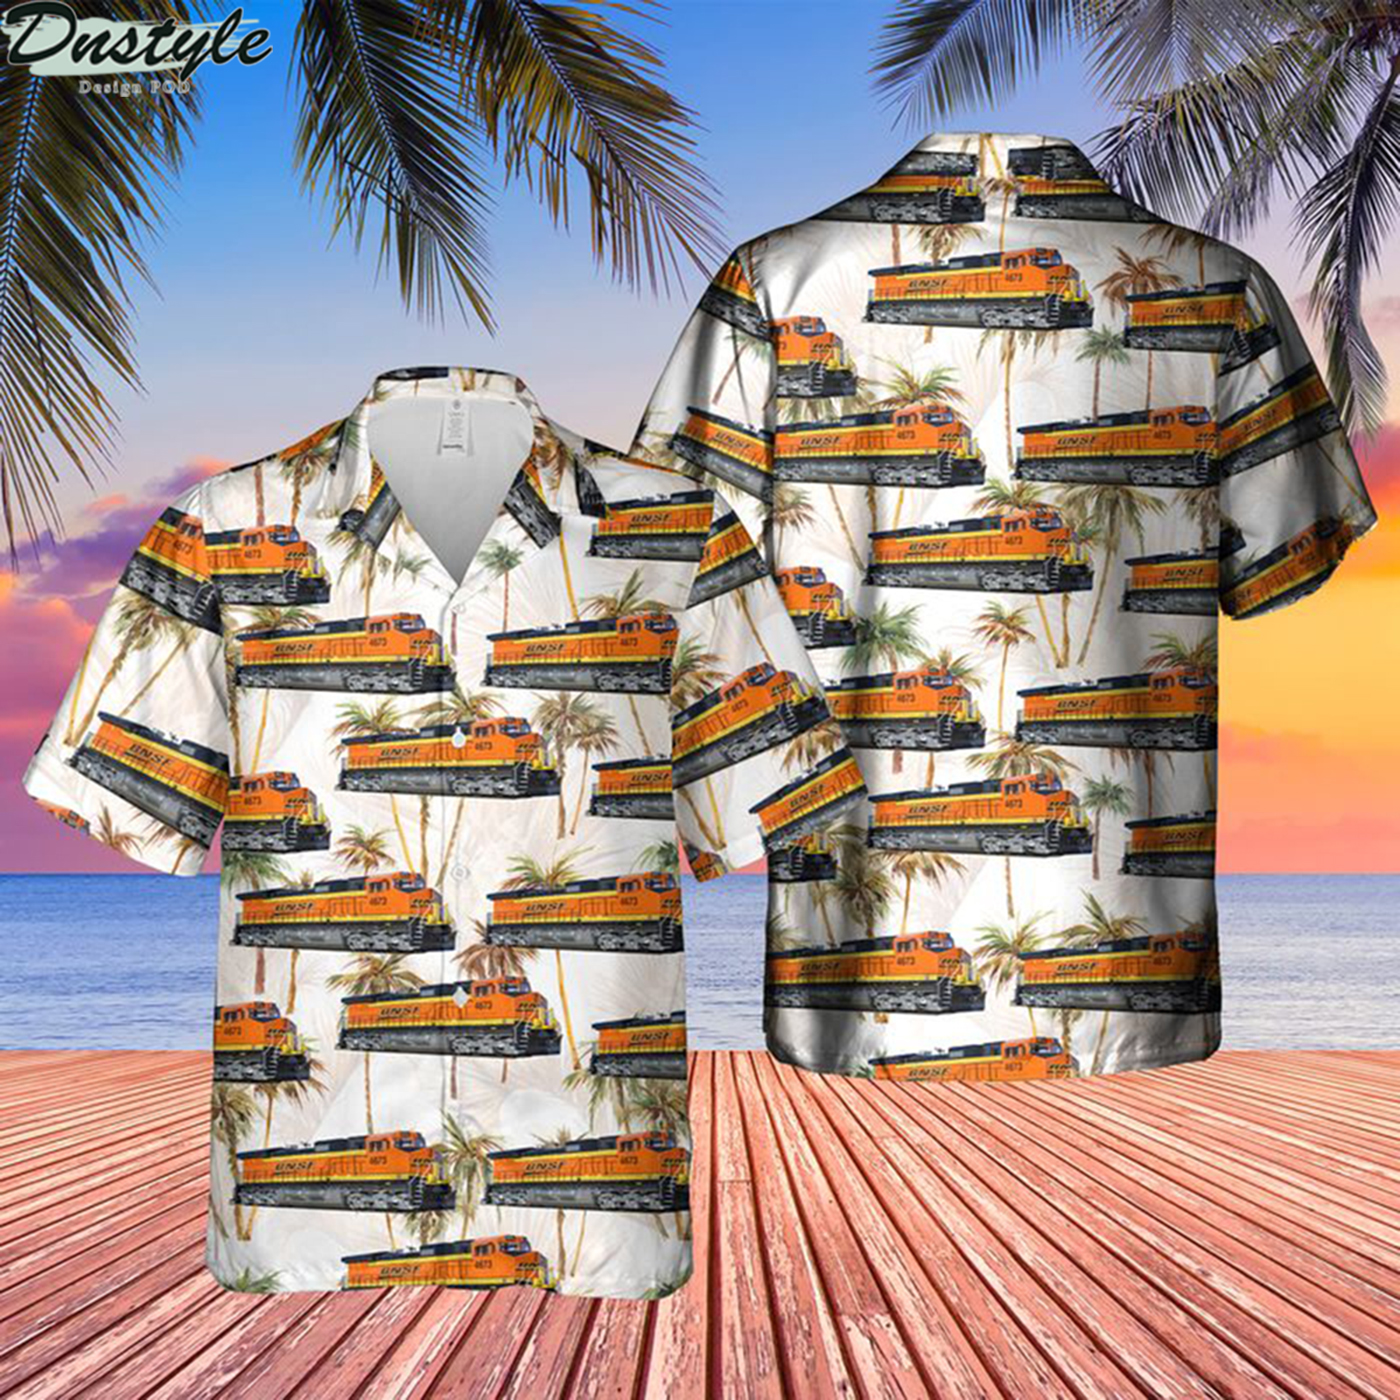 BNSF railway ge dash 9-44cw locomotive hawaiian shirt 2